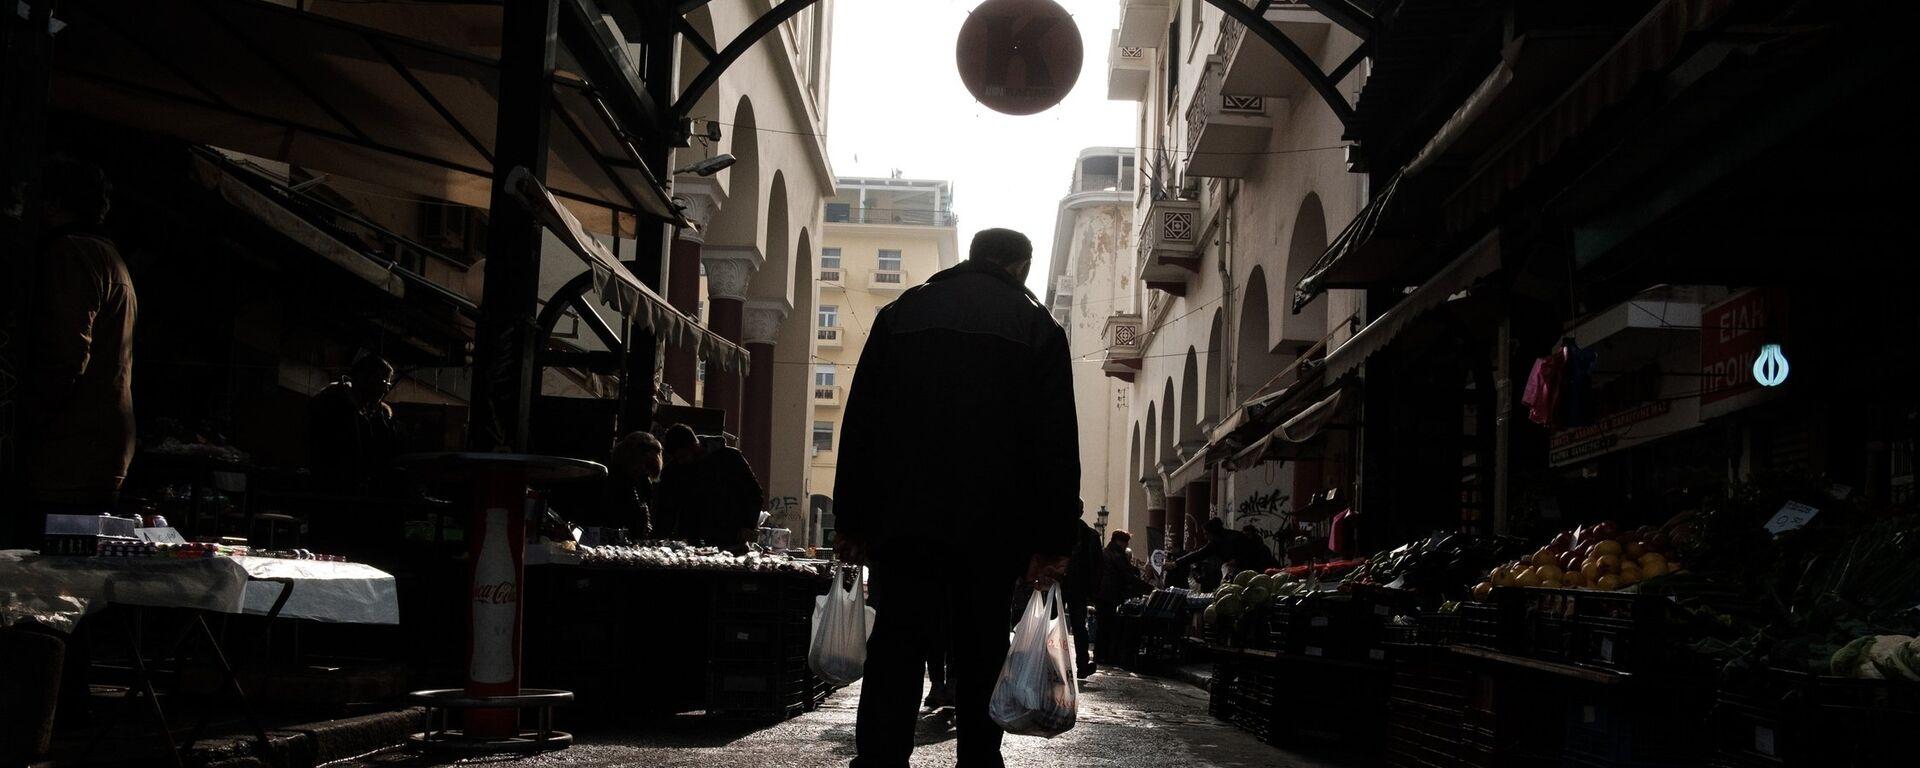 Ψώνια στην Αγορά Βλάλη (Καπάνι) ενόψει της Καθαράς Δευτέρας, Μάρτιος 2019 - Sputnik Ελλάδα, 1920, 21.09.2021